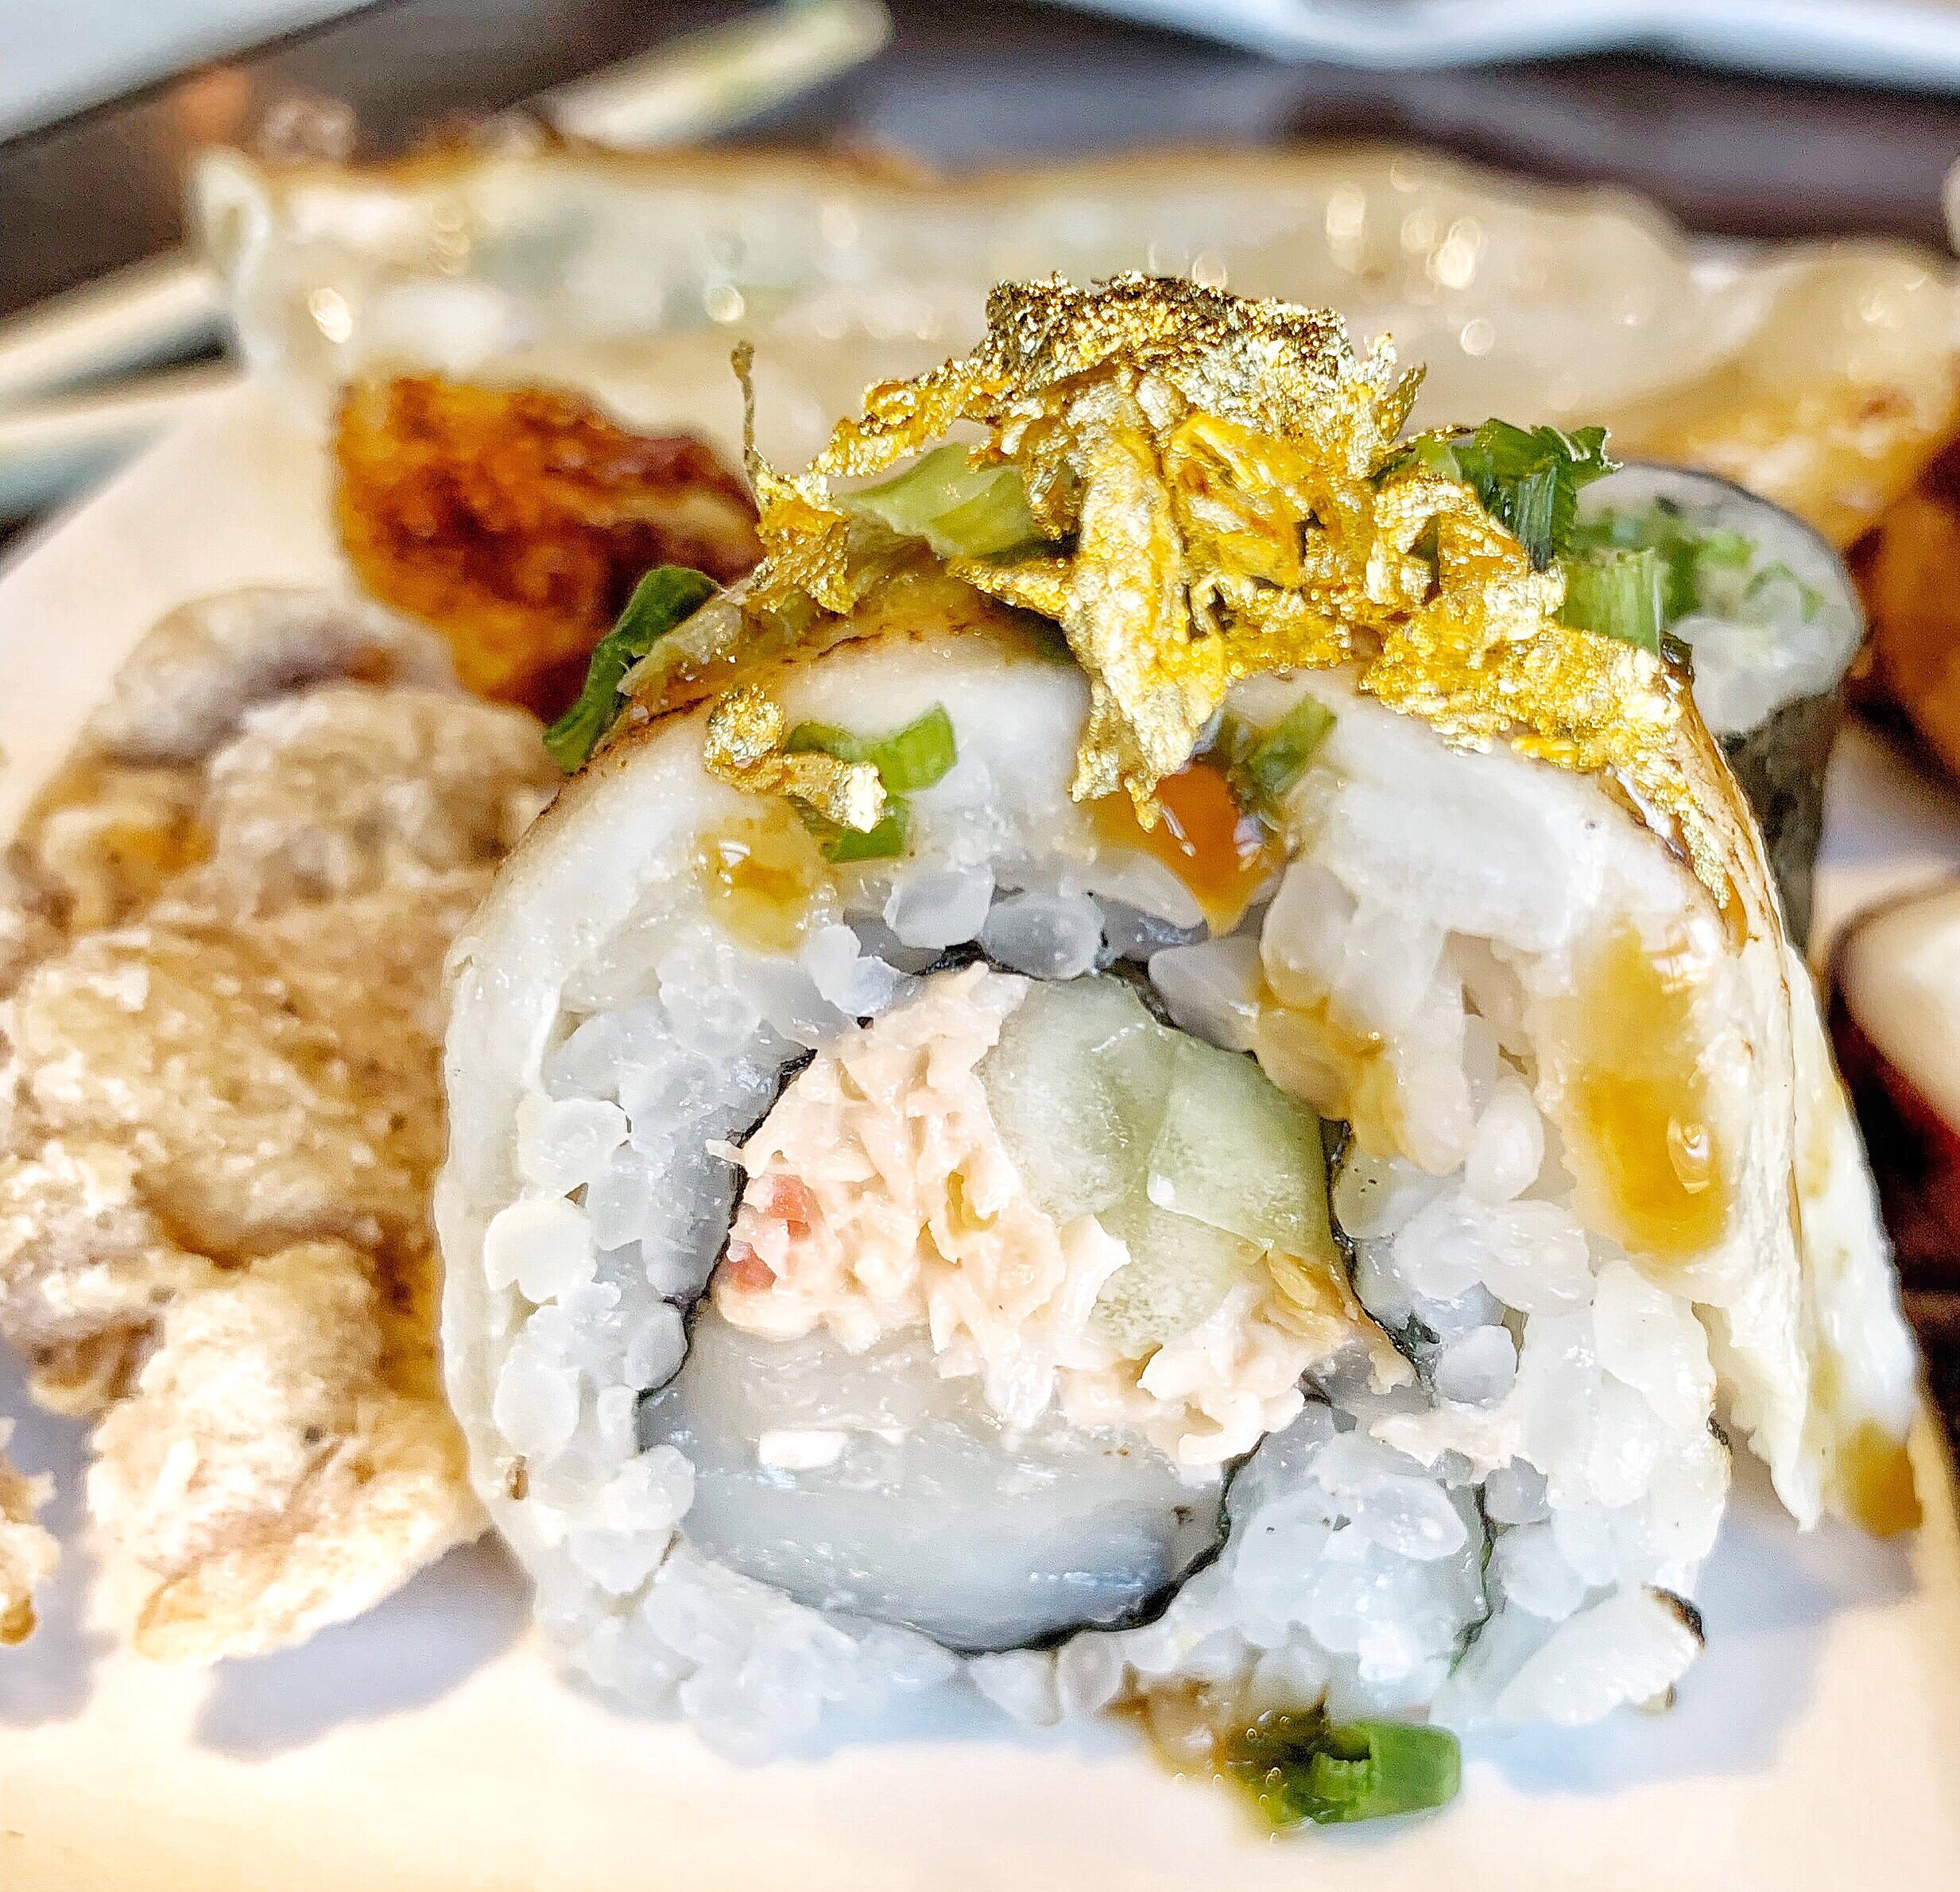 Hana Roll - Crab, Wagyu, & gold leaf